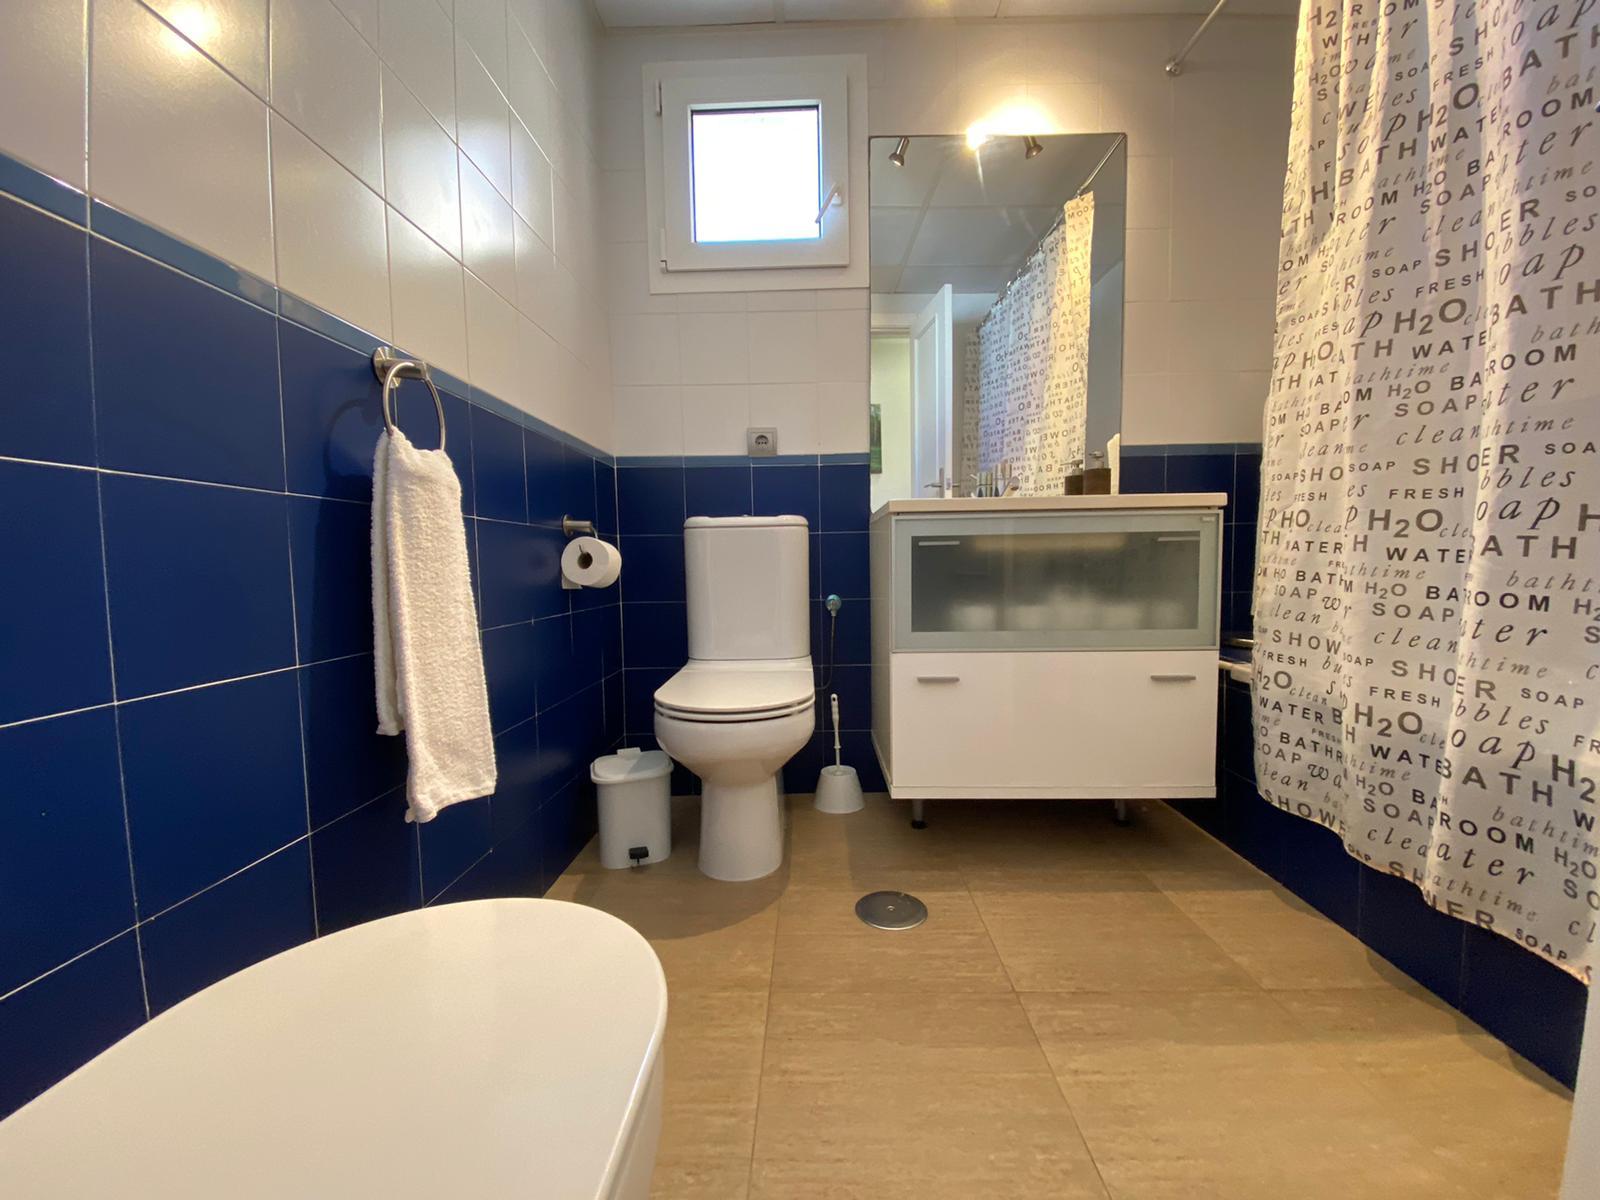 Imagen 25 del Apartamento Turístico, Ático 6 Poniente (3d+2b), Punta del Moral (HUELVA), Paseo de la Cruz nº22